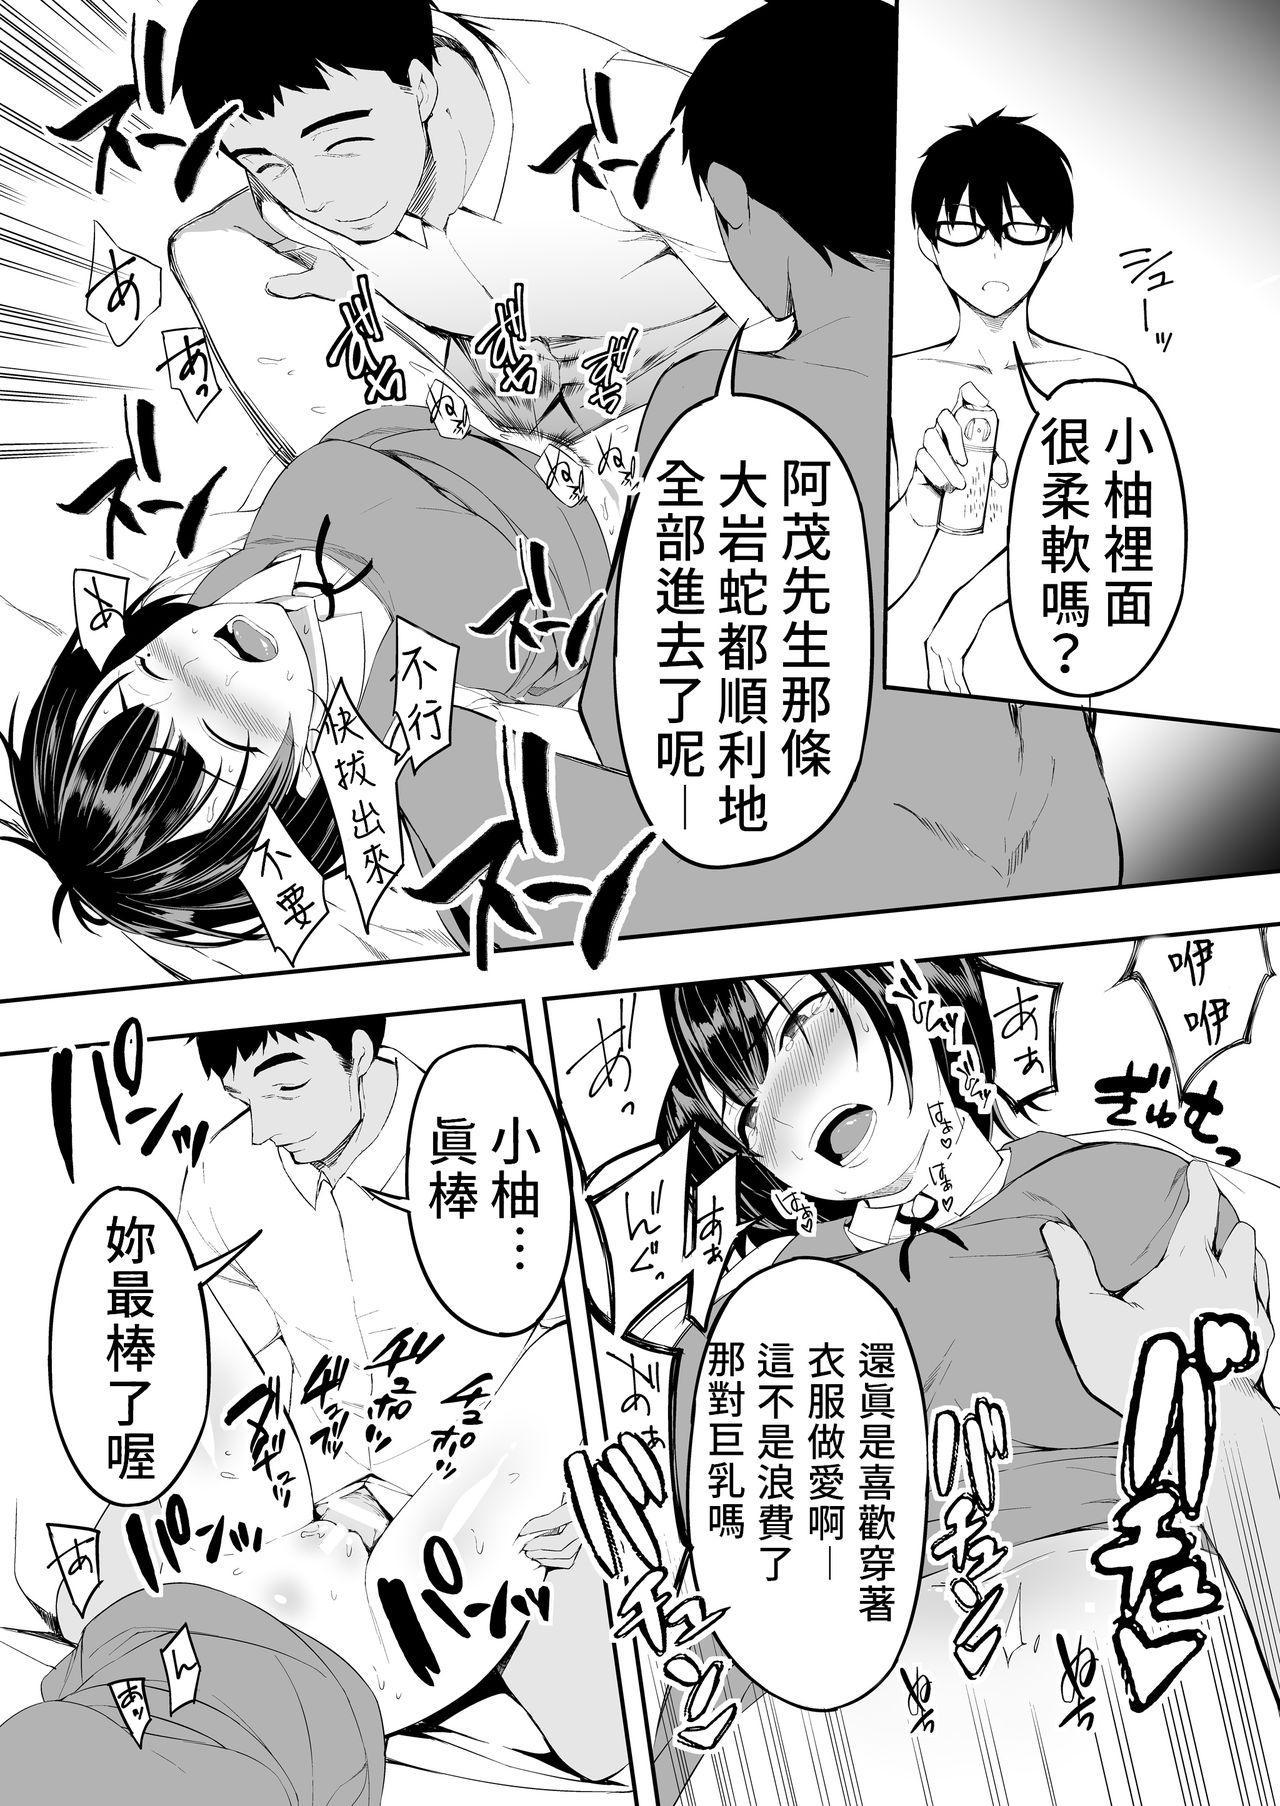 Panpan Travelers Hakata Shuudan Rape Ryokou | 吃飯兼炒飯TRAVELERS~博多集團強●旅行 84